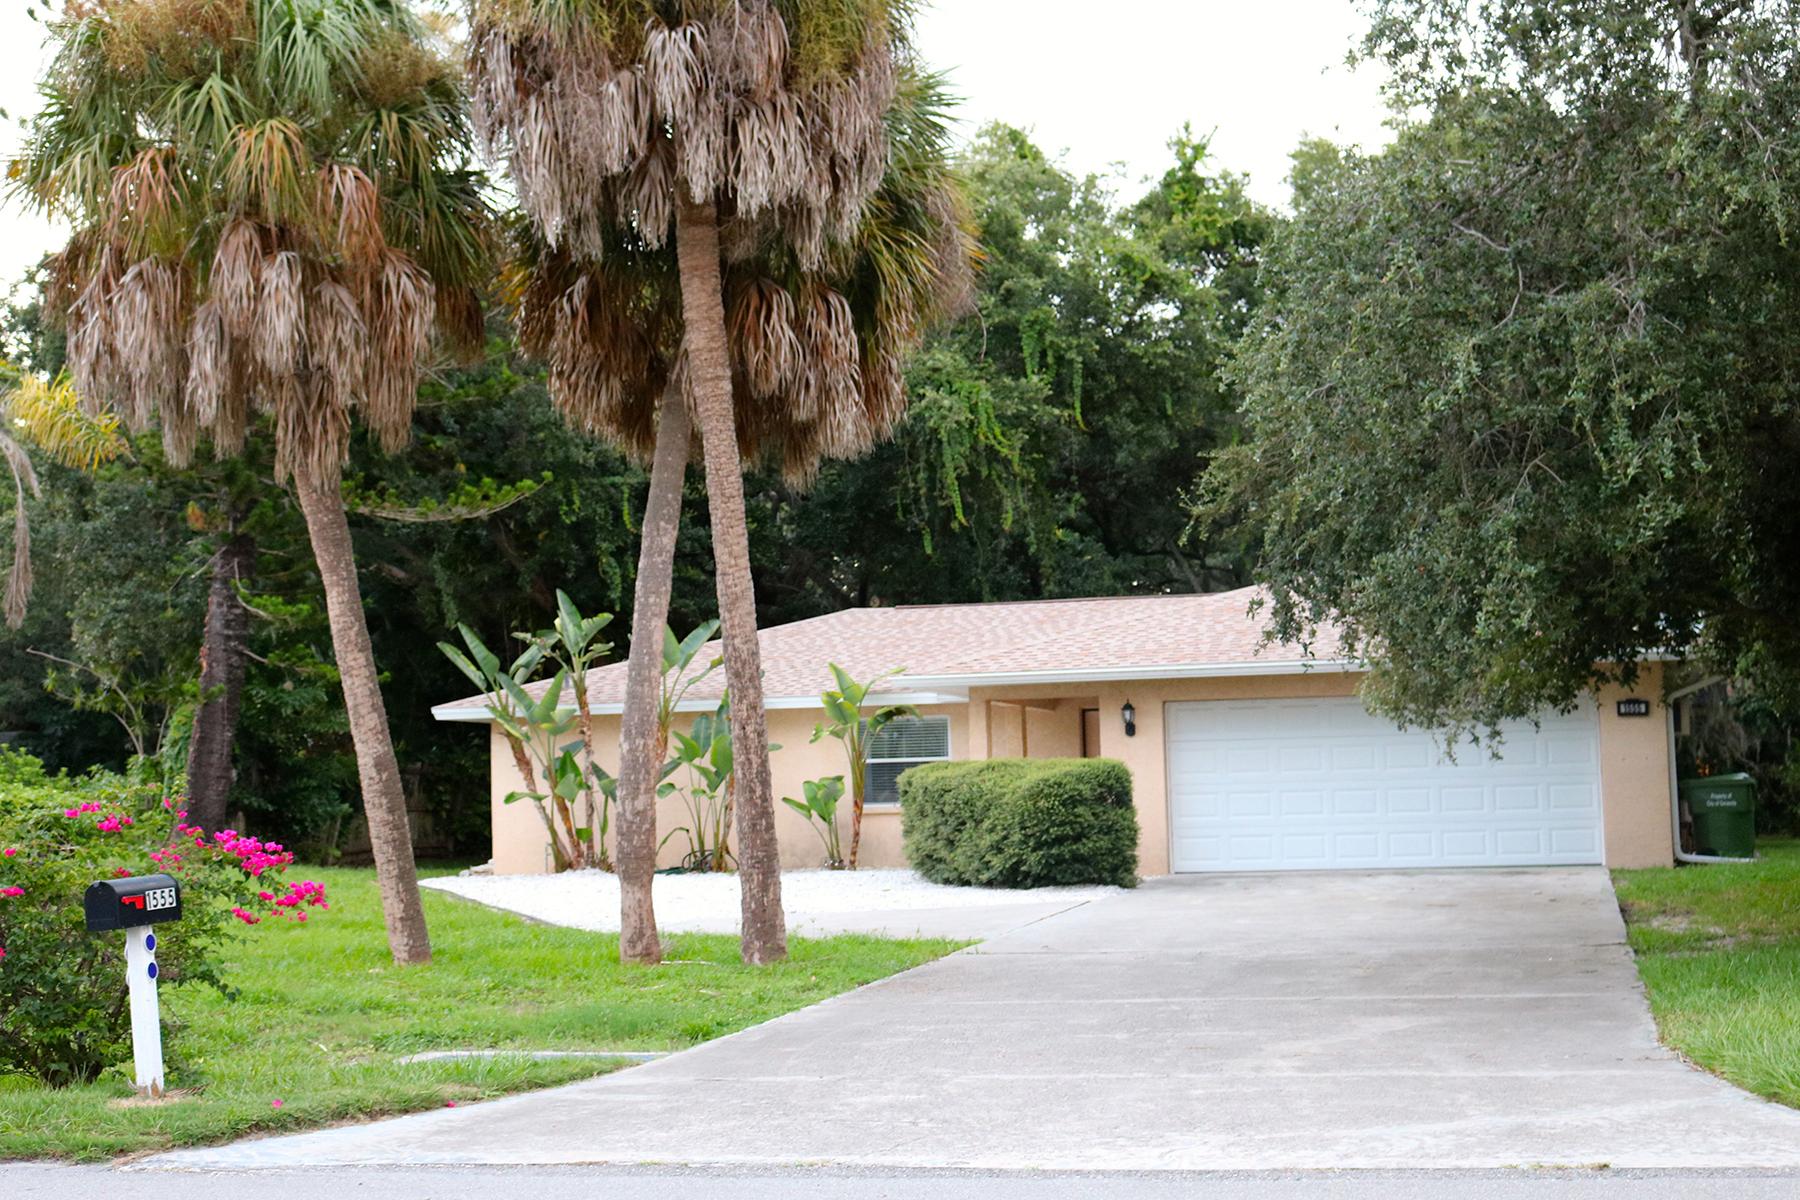 단독 가정 주택 용 매매 에 SUNSET BAY 1555 Siesta Dr Sarasota, 플로리다 34239 미국